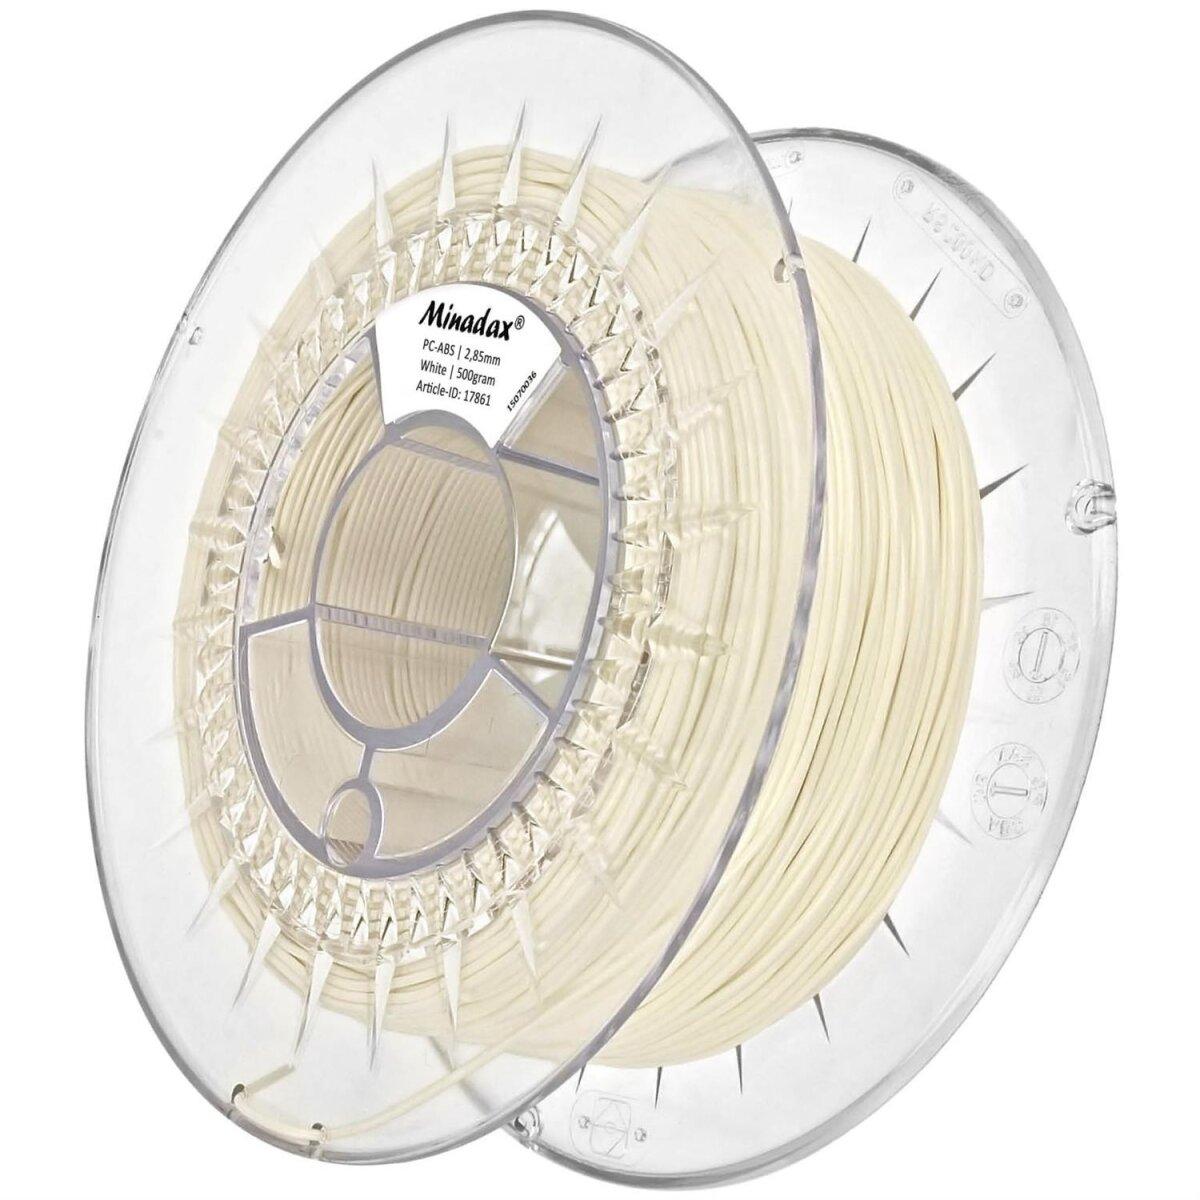 Minadax® 0,5 kg Premium Qualitaet 3mm (2,85mm) PC-ABS-Filament weiss fuer 3D-Drucker hergestellt in Europa